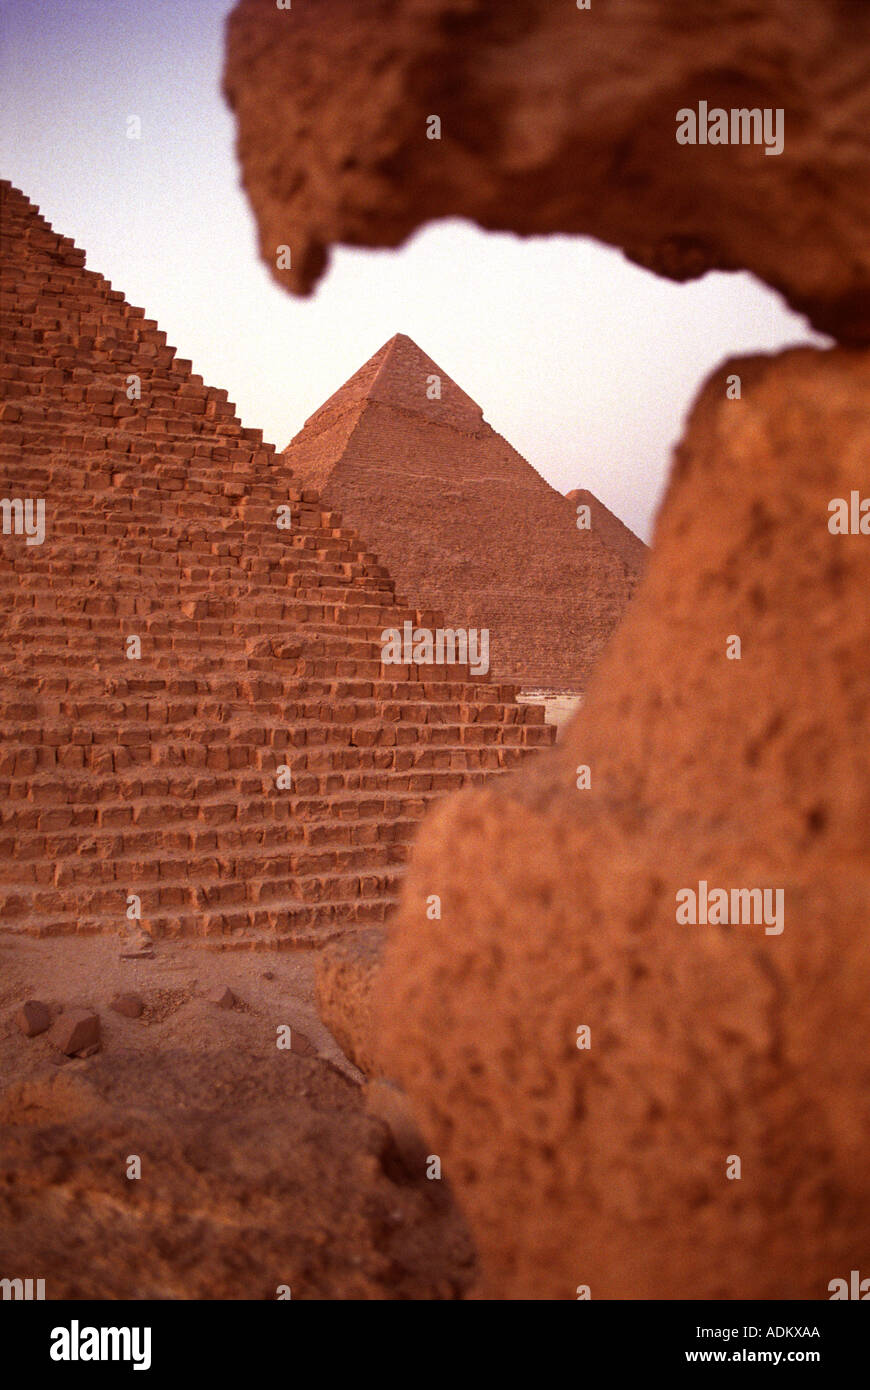 Les pyramides de Gizeh, près du Caire Egypte Photo Stock